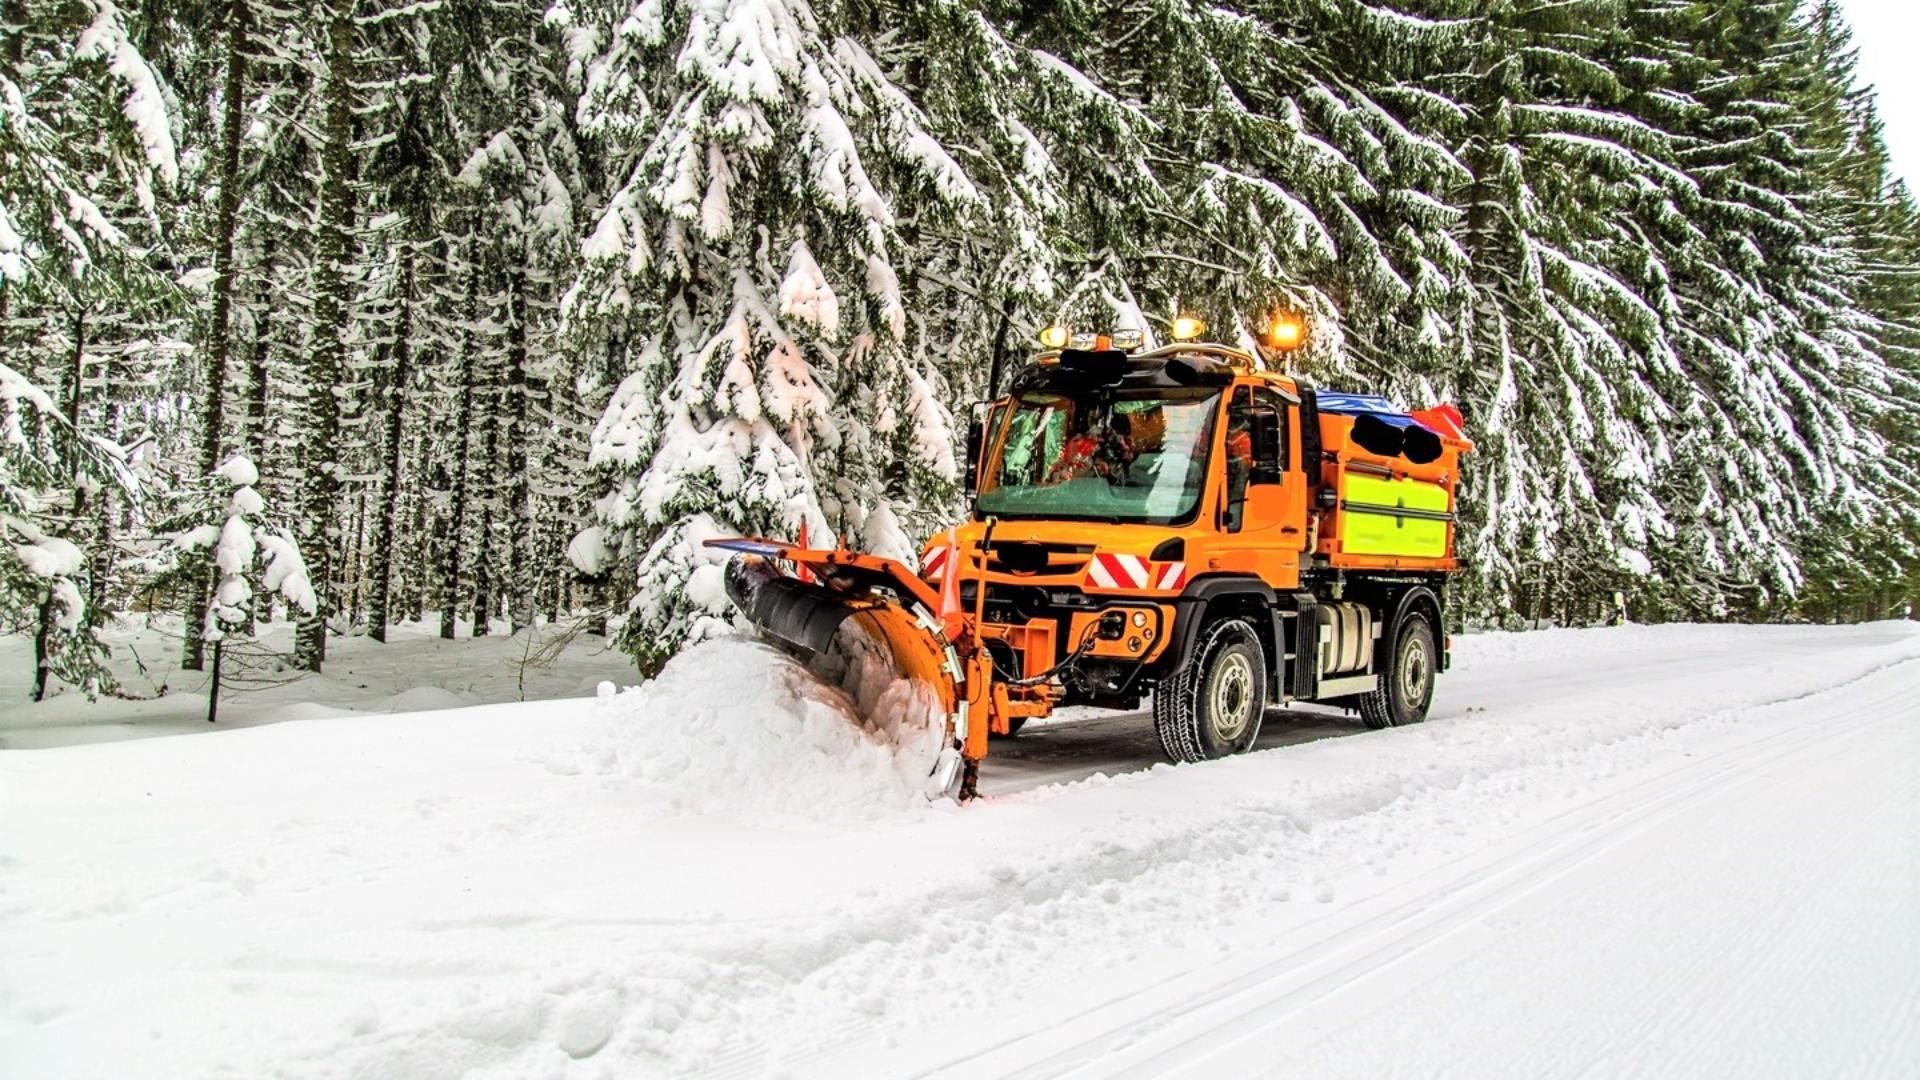 Worauf müssen Betriebe beim Einsatz und der Beschaffung von Schneepflügen achten?